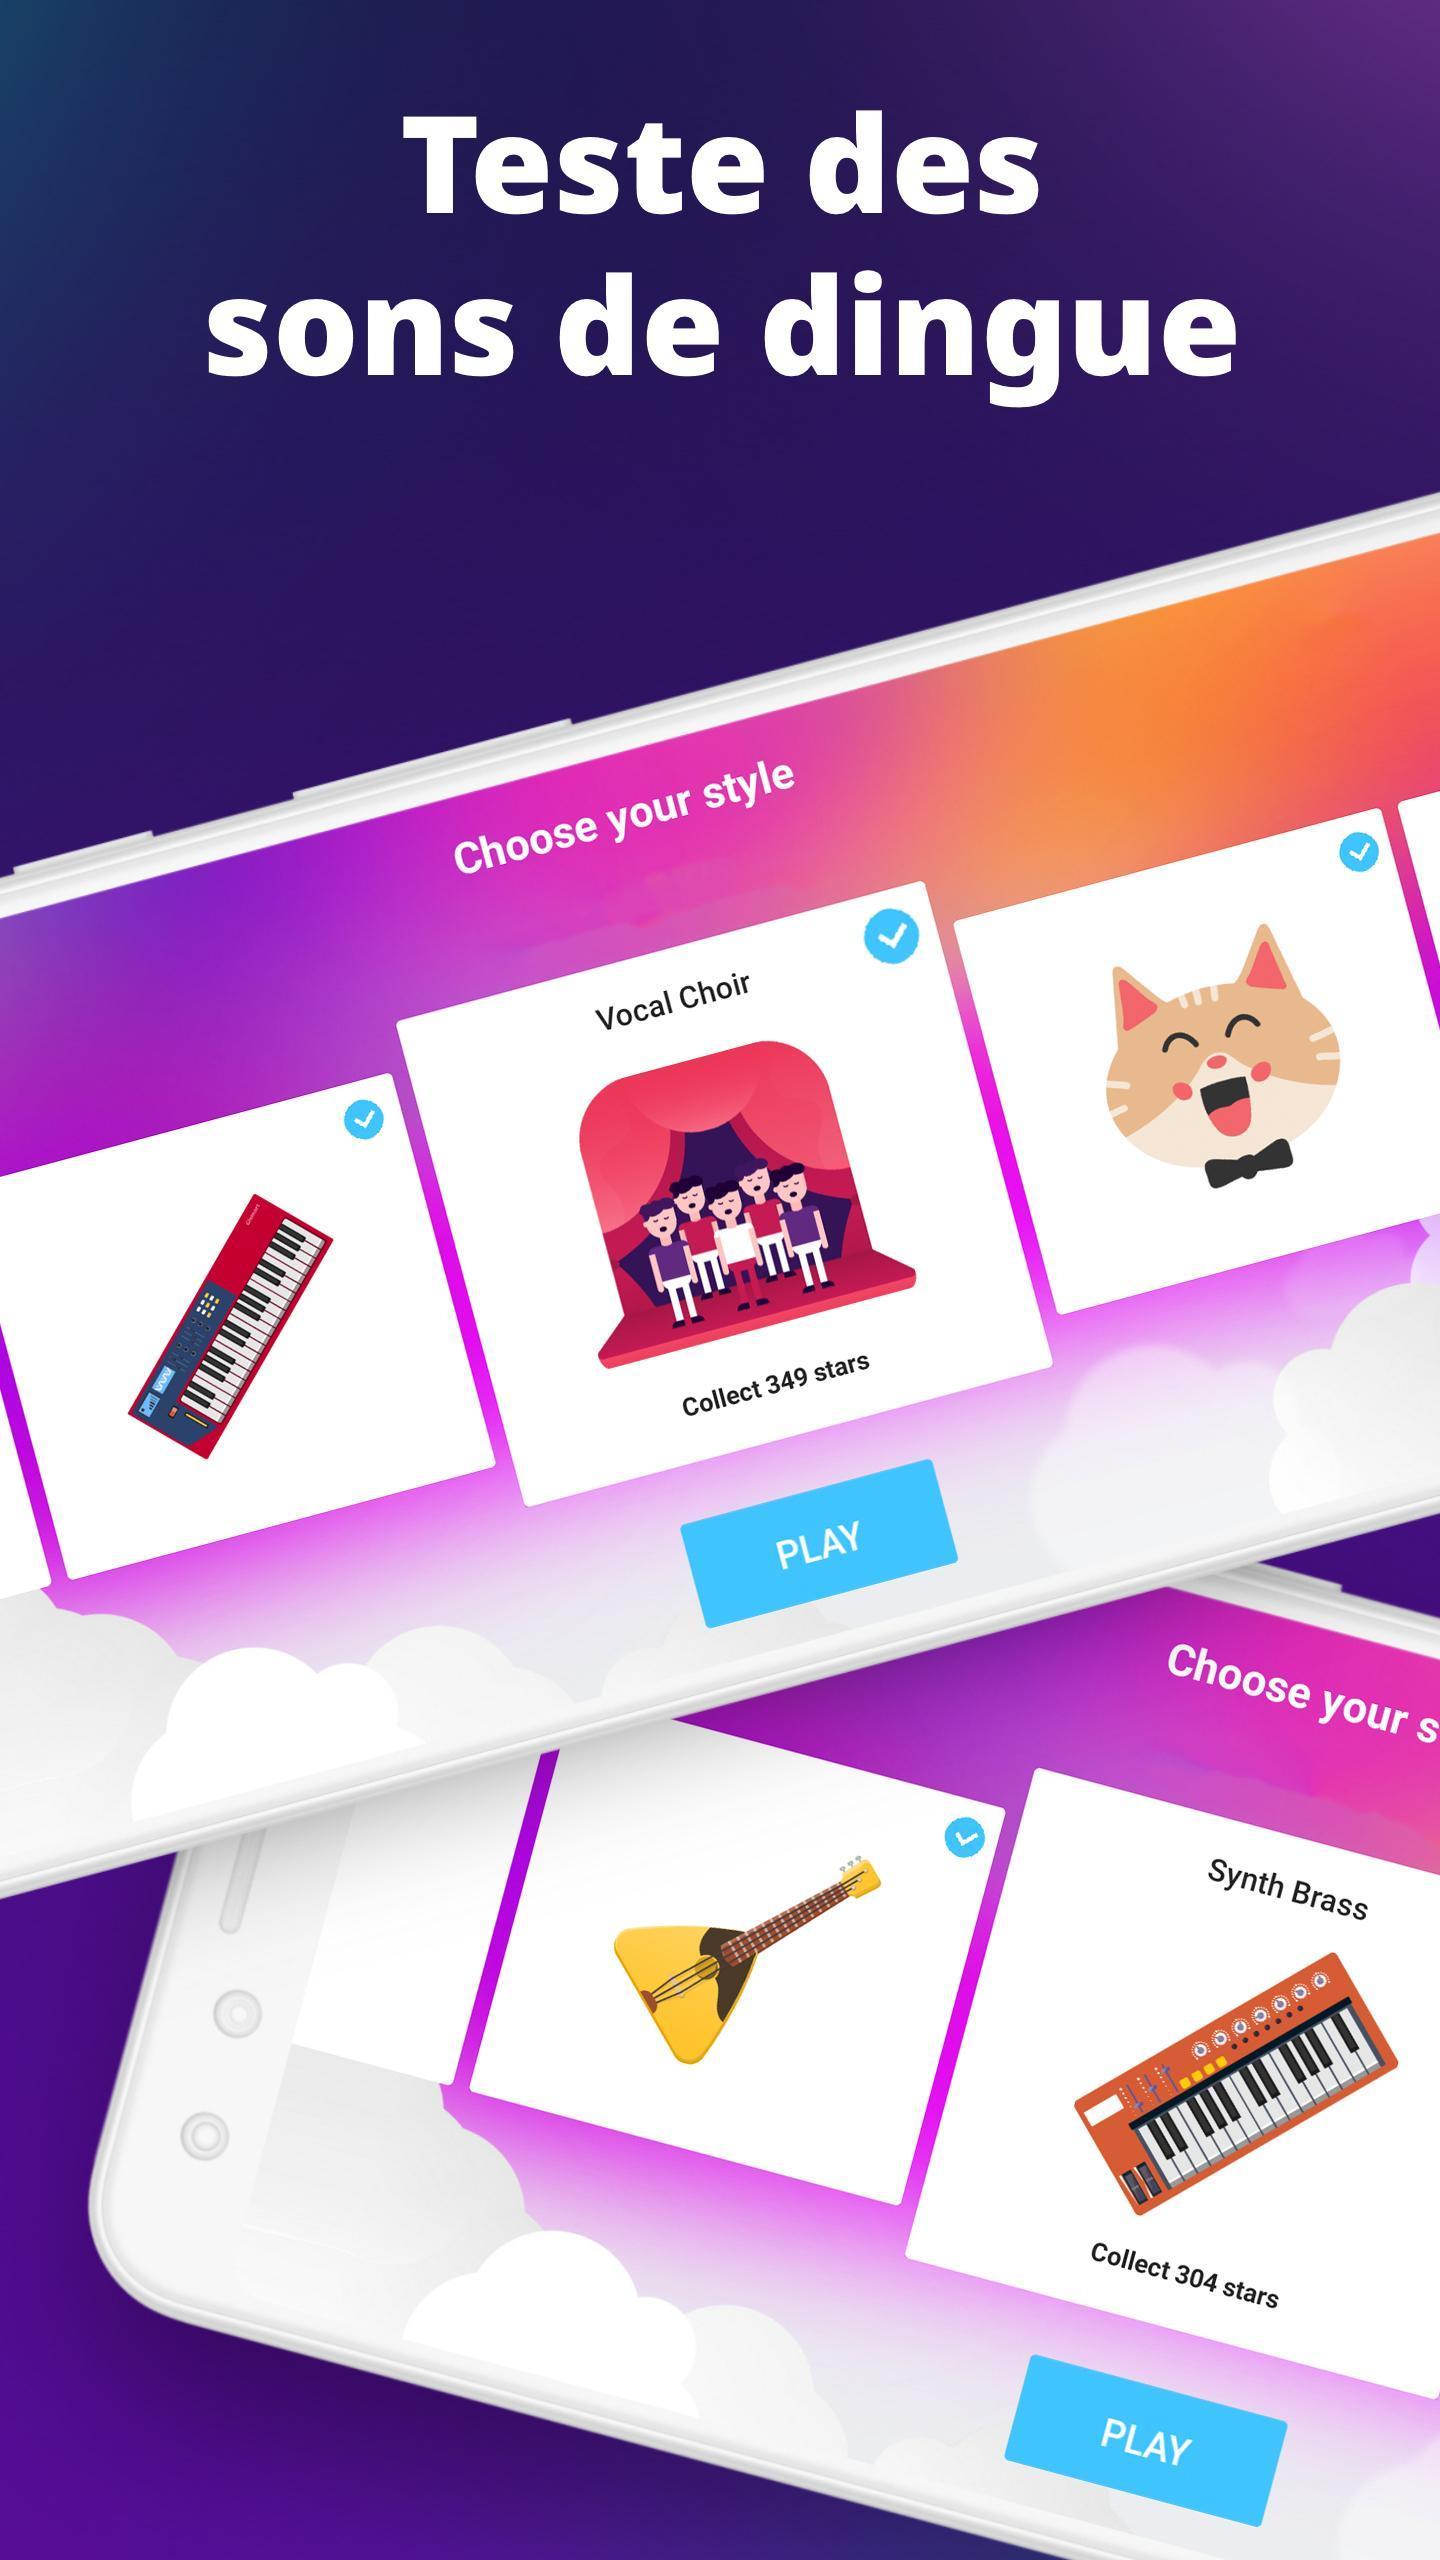 Piano - Jeux De Musique Pour Android - Téléchargez L'Apk pour Jeux De Chansons Gratuit